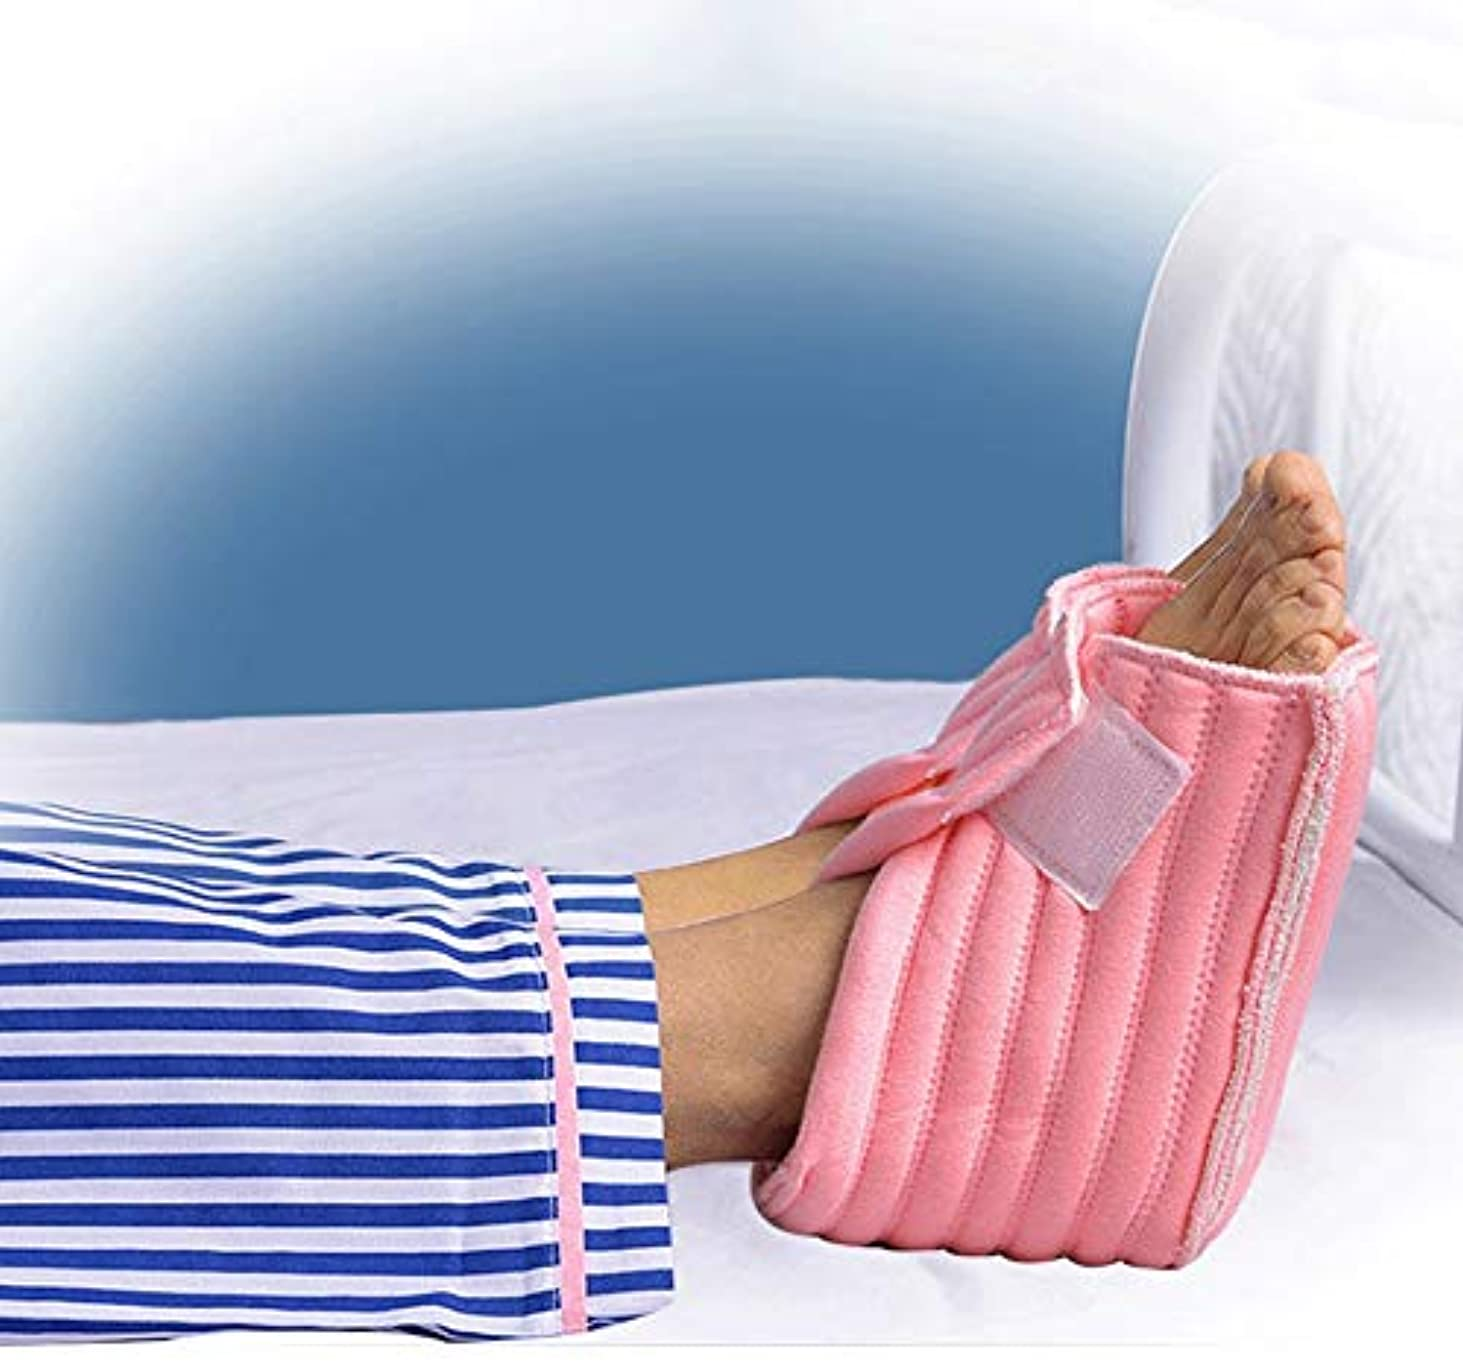 打倒マキシムマンハッタンかかとプロテクター枕、Pressure瘡の予防のための足枕かかとクッションプロテクター、高齢者の足補正カバー-ワンサイズフィットすべて-1ペア